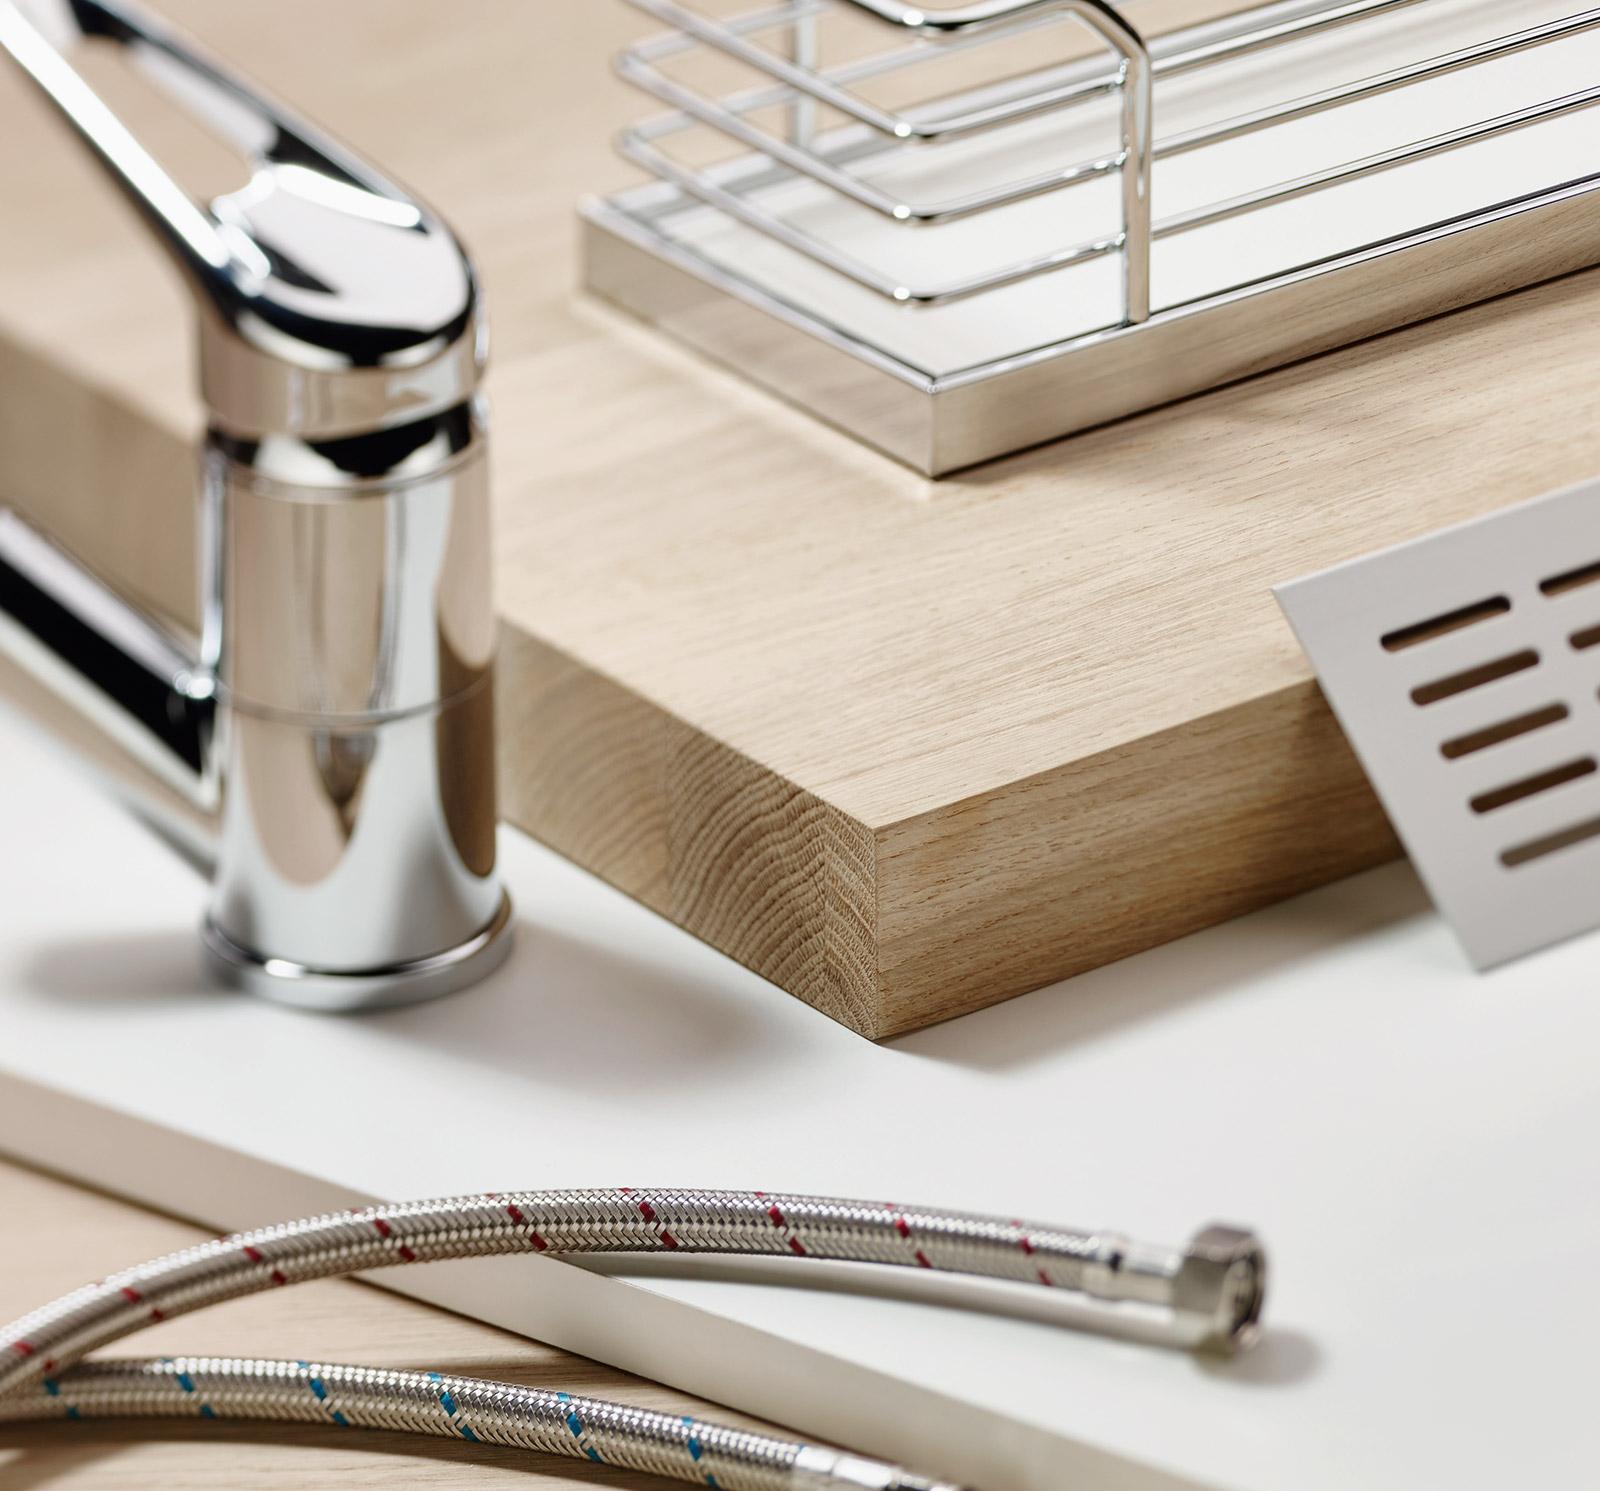 Maniglie X Mobili Da Cucina ferramenta per mobili